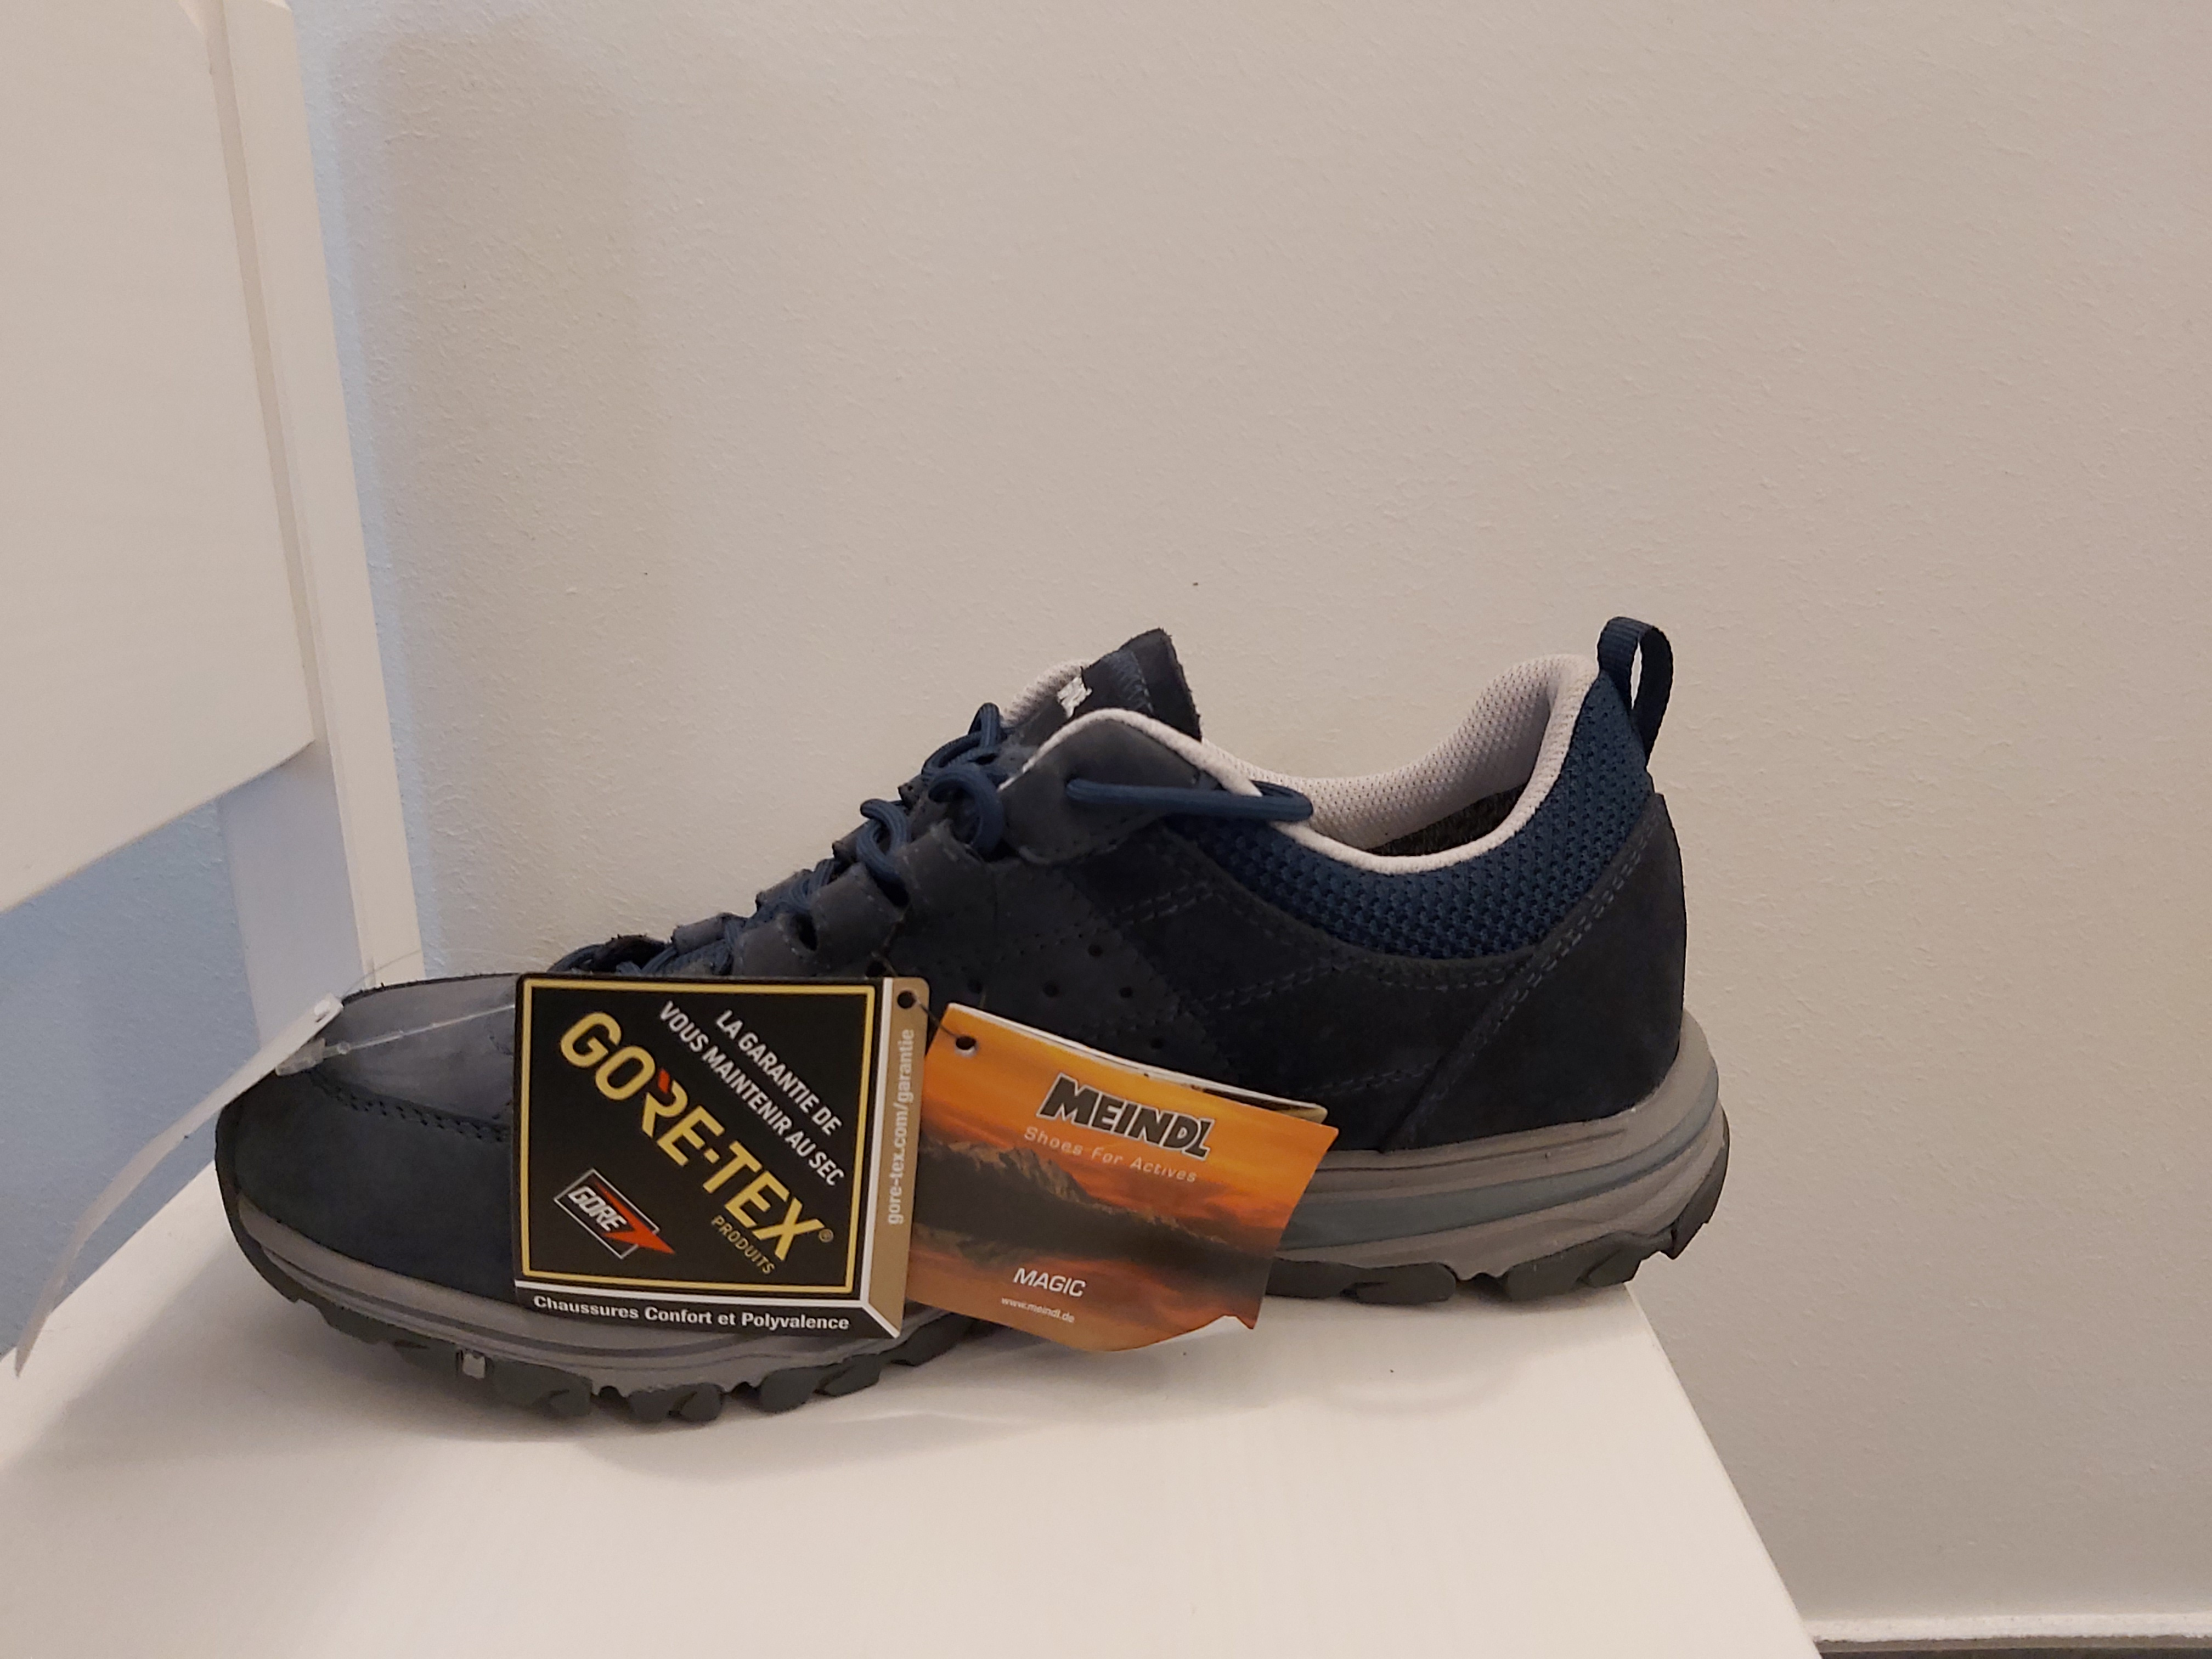 Bild Nummer 3 von Trecking Schuhe von Meindl